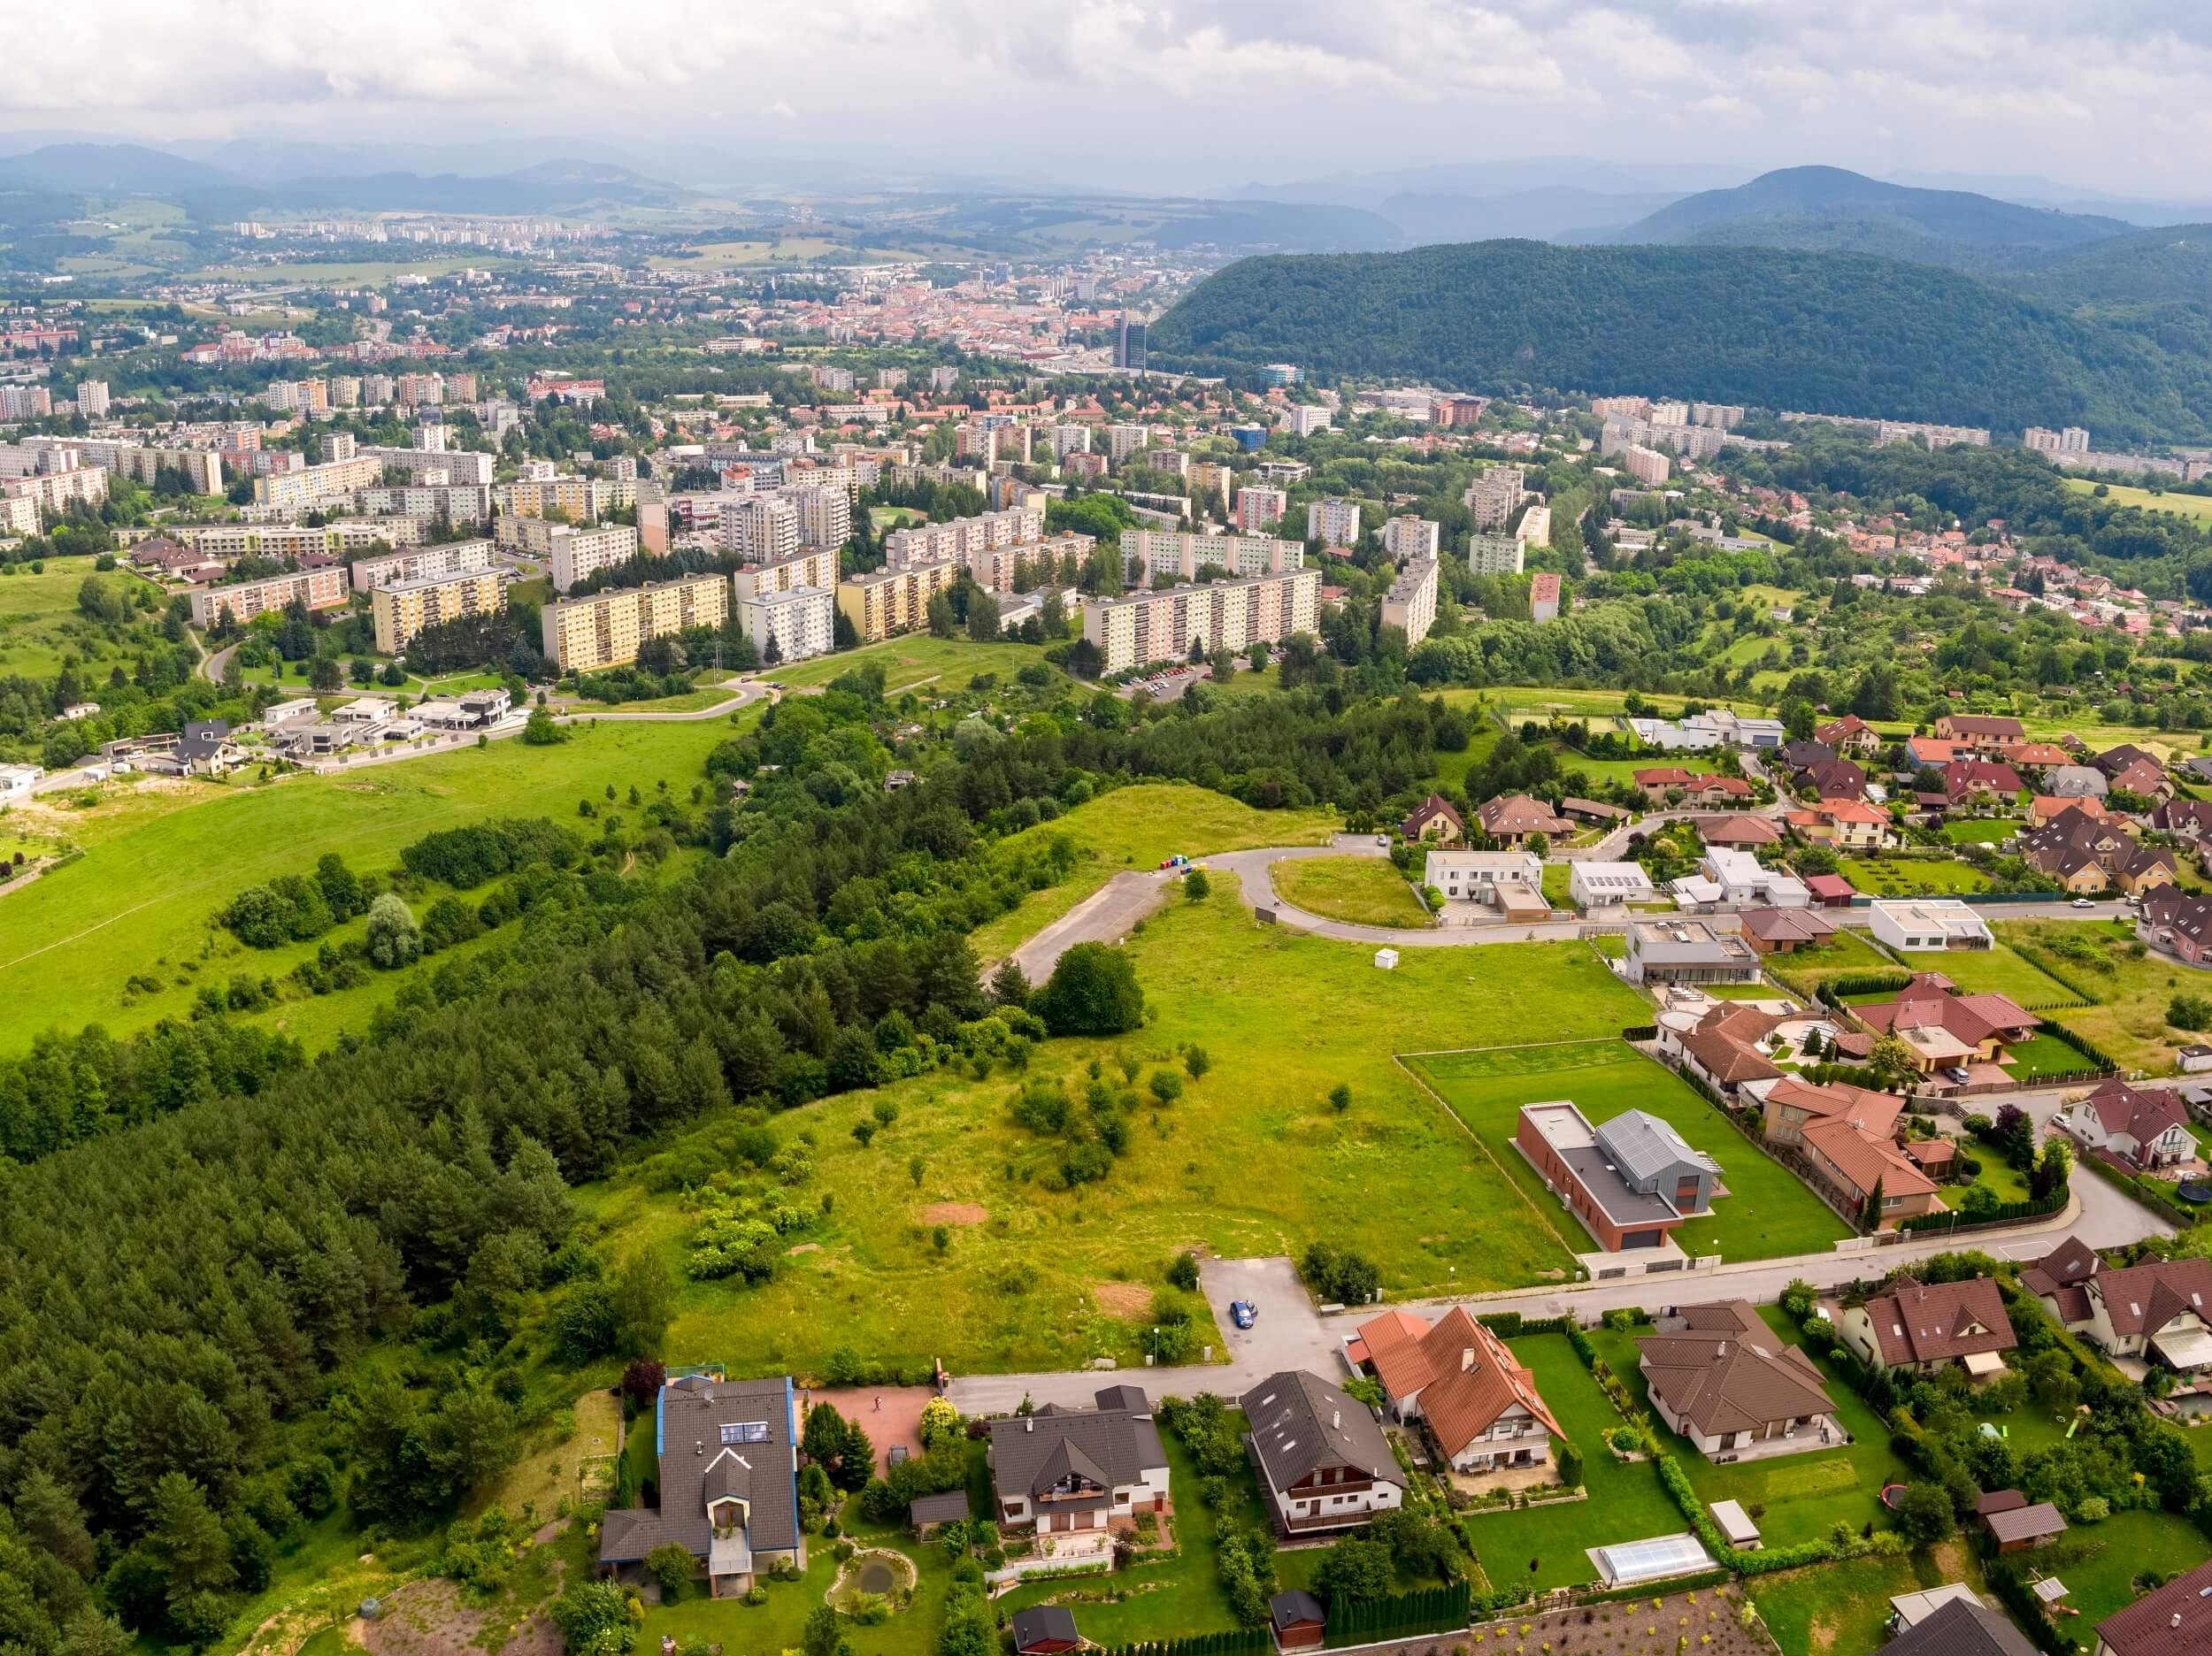 PREDANÉ – Predaj stavebného pozemku v Banskej Bystrici, lokalita Suchý Vrch (1.291 m2)